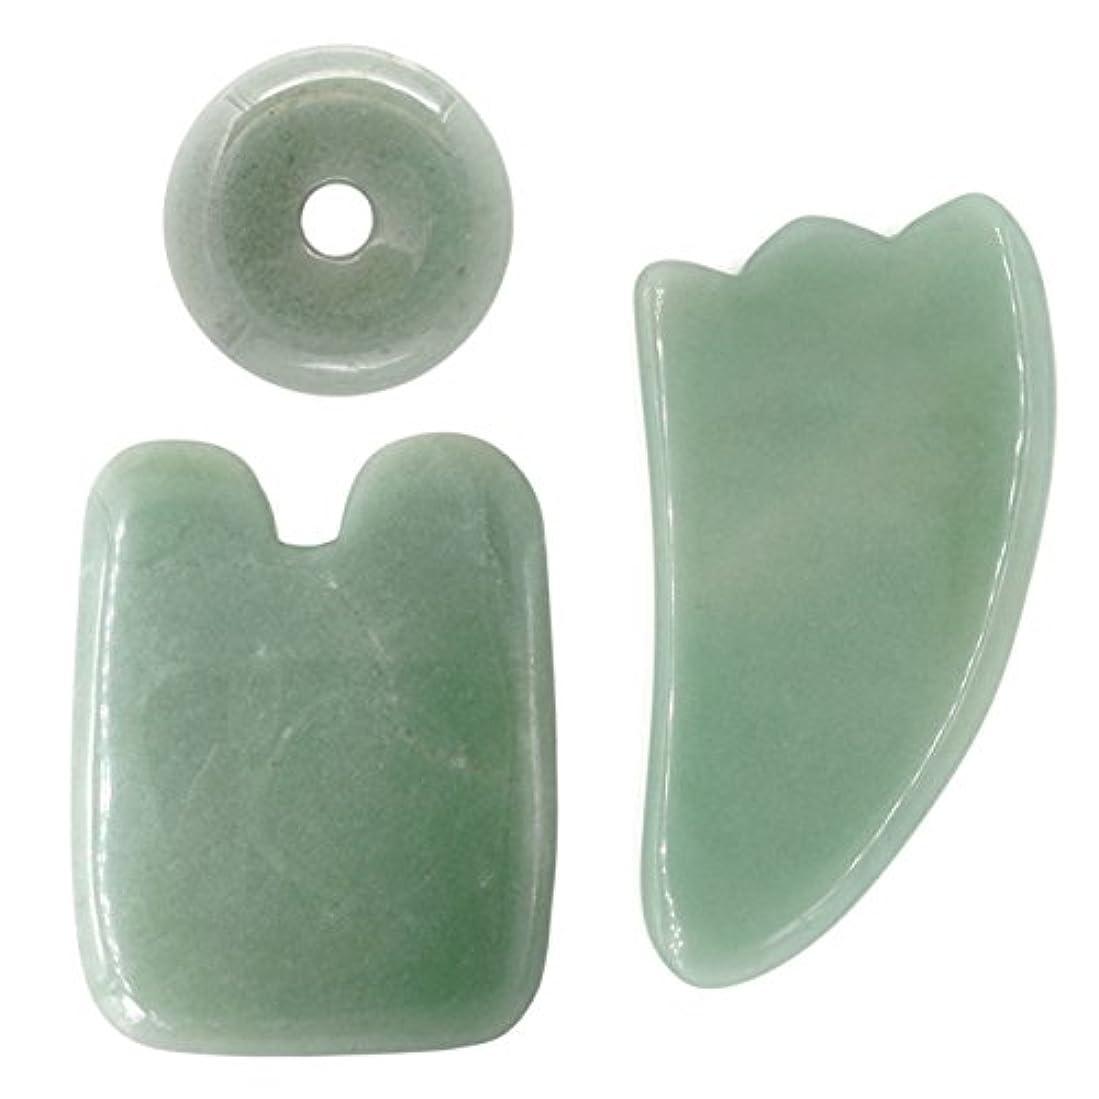 3点セット3pcsFace / Body Massage Natural Jade Boardかっさプレート 天然石 翡翠(顔?ボディのリンパマッサージ)